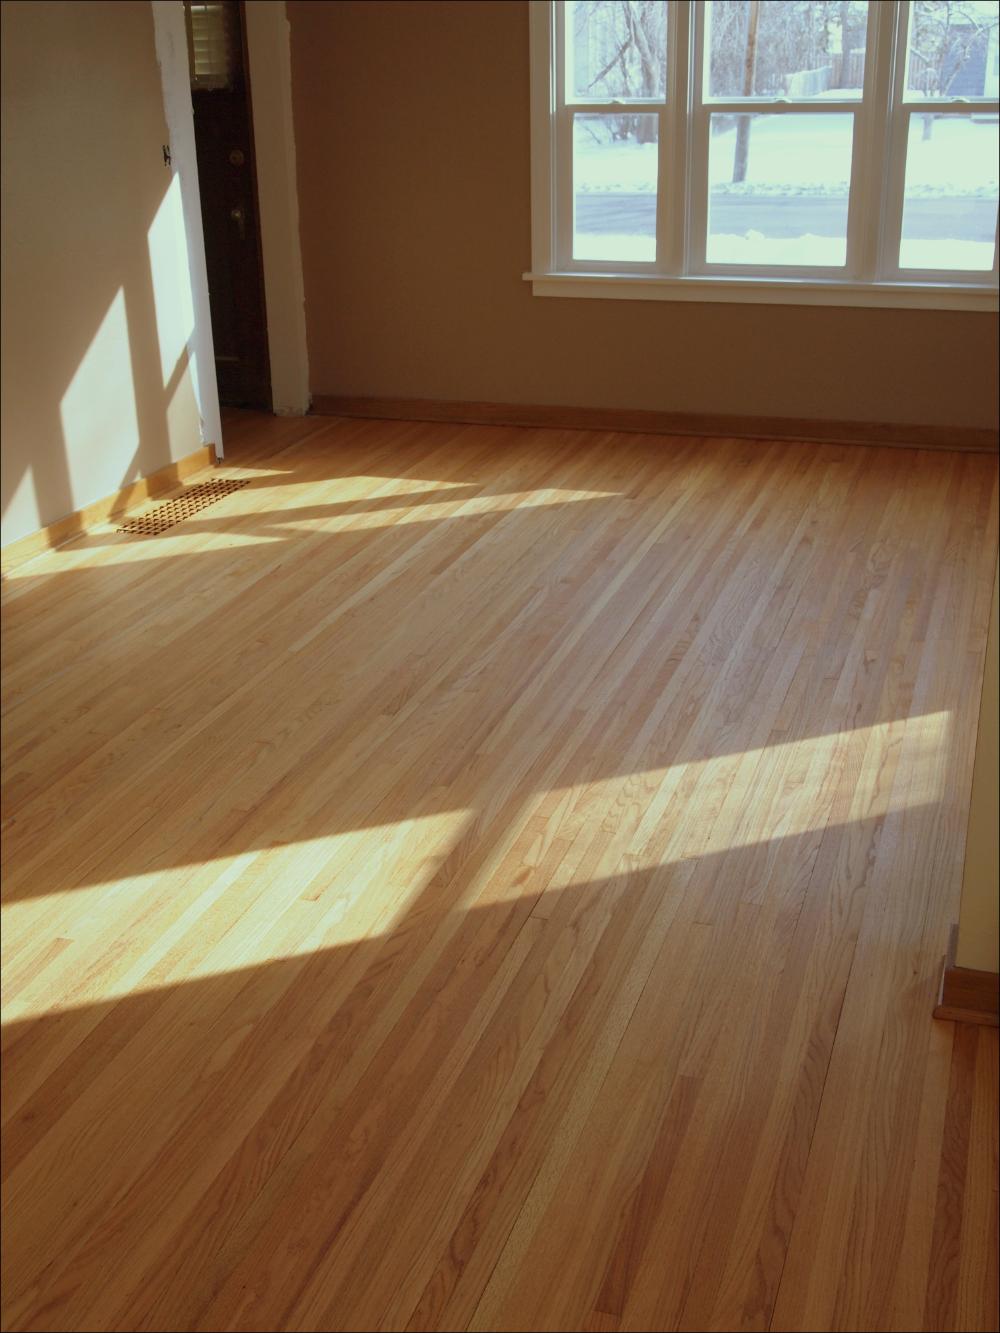 26 1 1 2 Wide Hardwood Flooring Wide